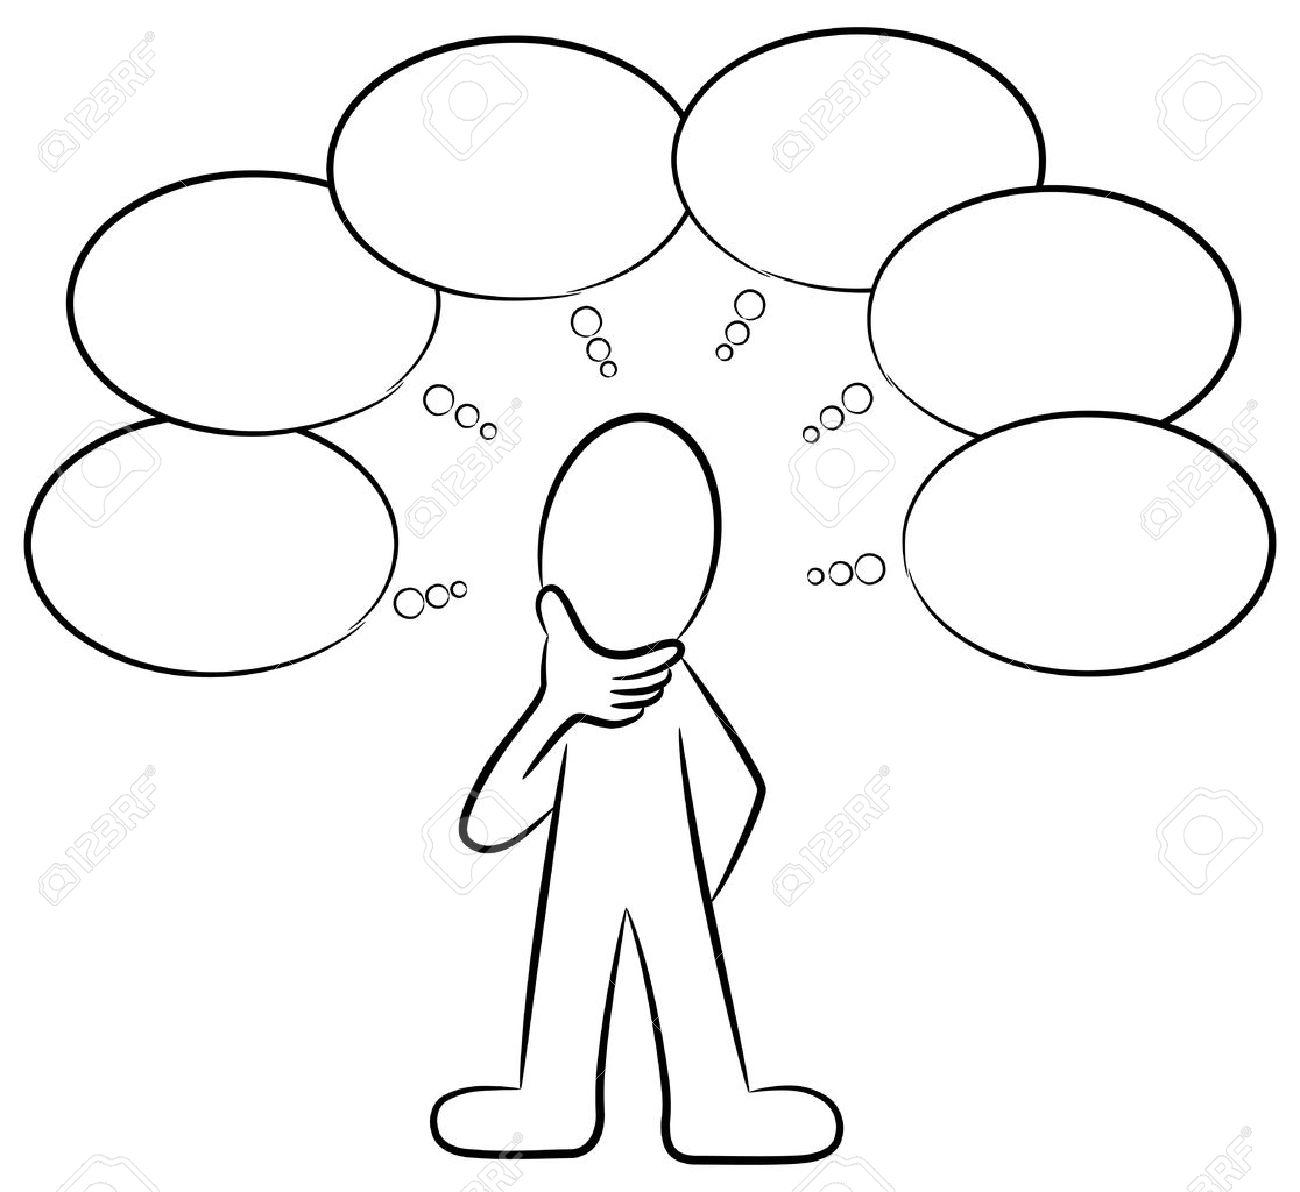 多くのことを考えている人の図のイラスト素材 ベクタ Image